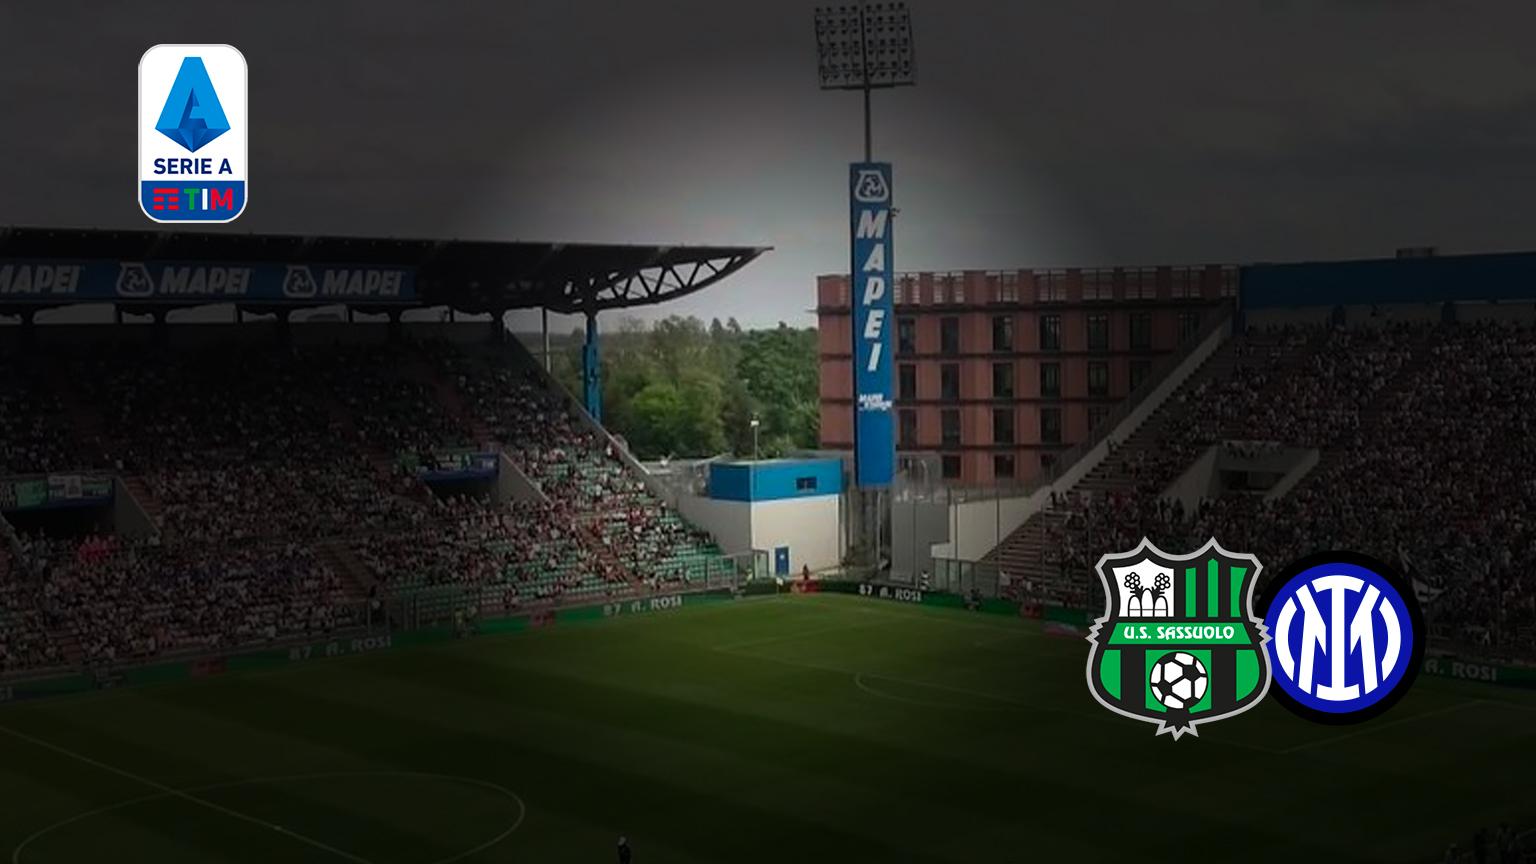 sassuolo inter odds dimana untuk melihat di tv prediksi formasi odds seri a taruhan olahraga sepak bola italia stadion mapei stadion fc inter news sassuolo-inter